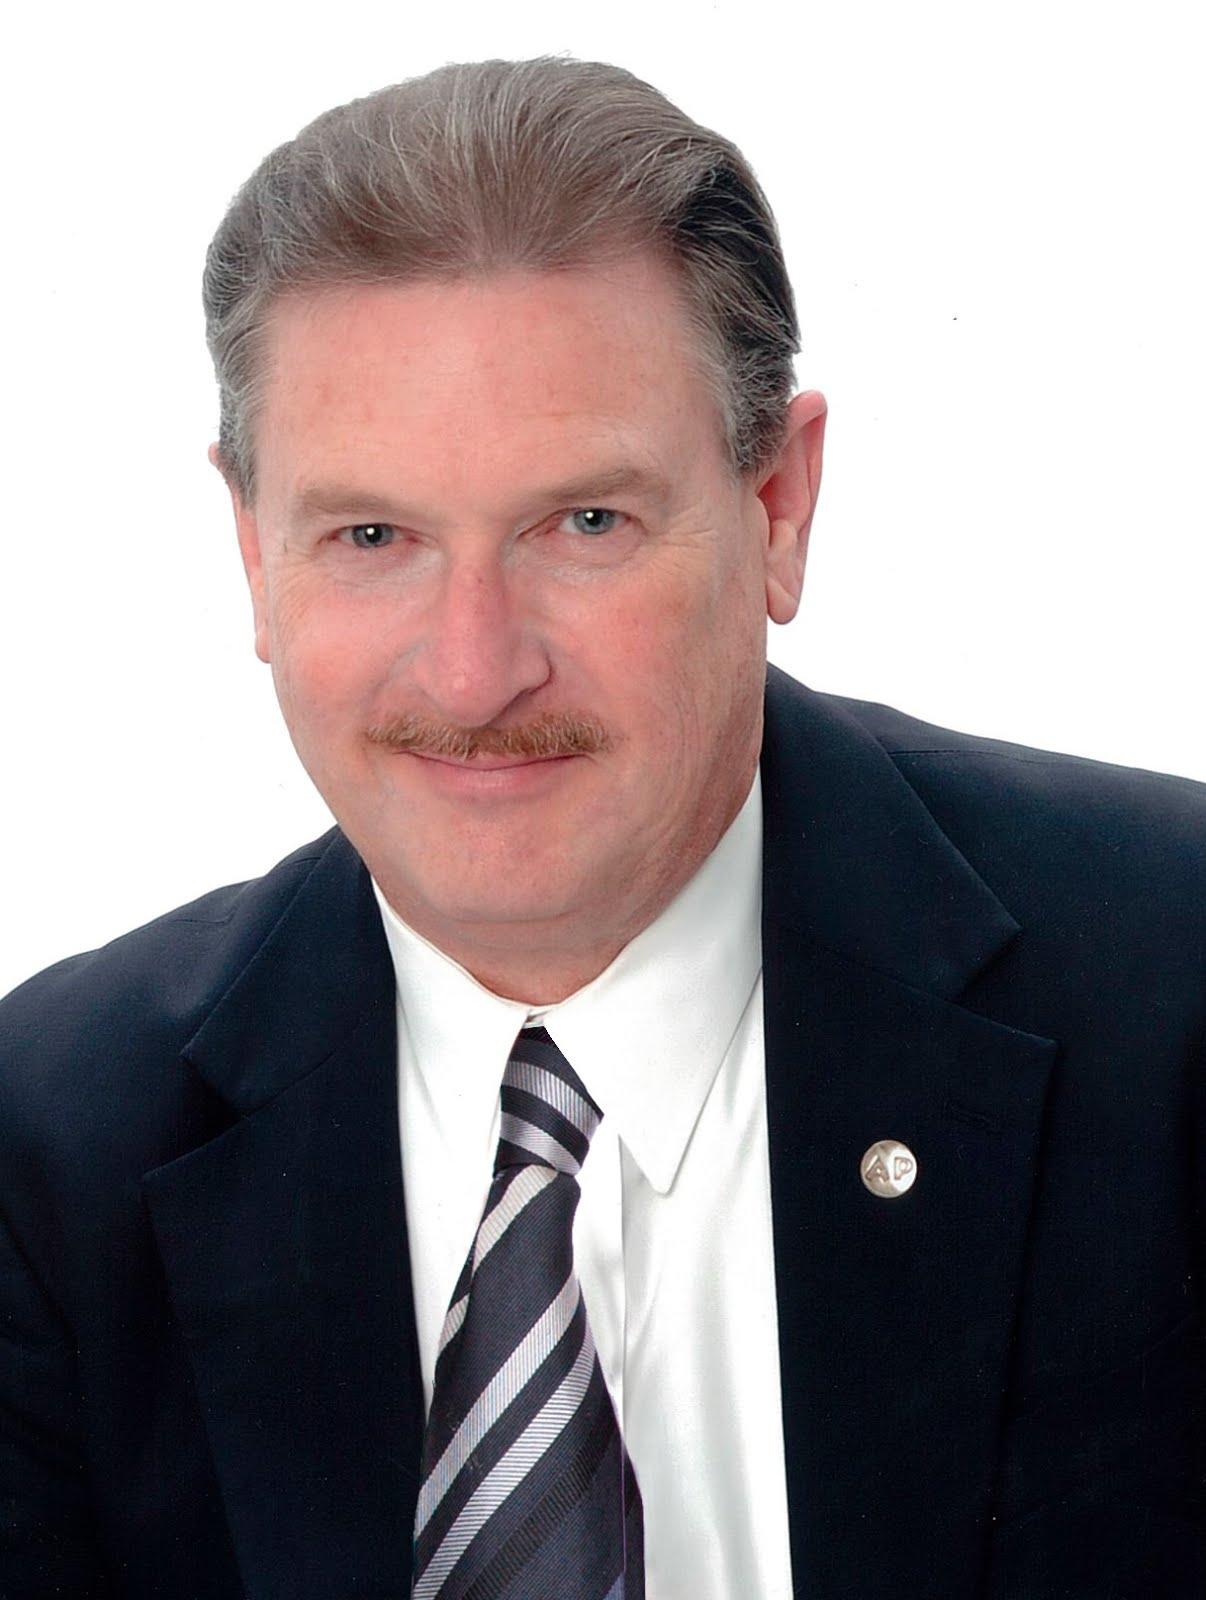 Dr. Dave Miller